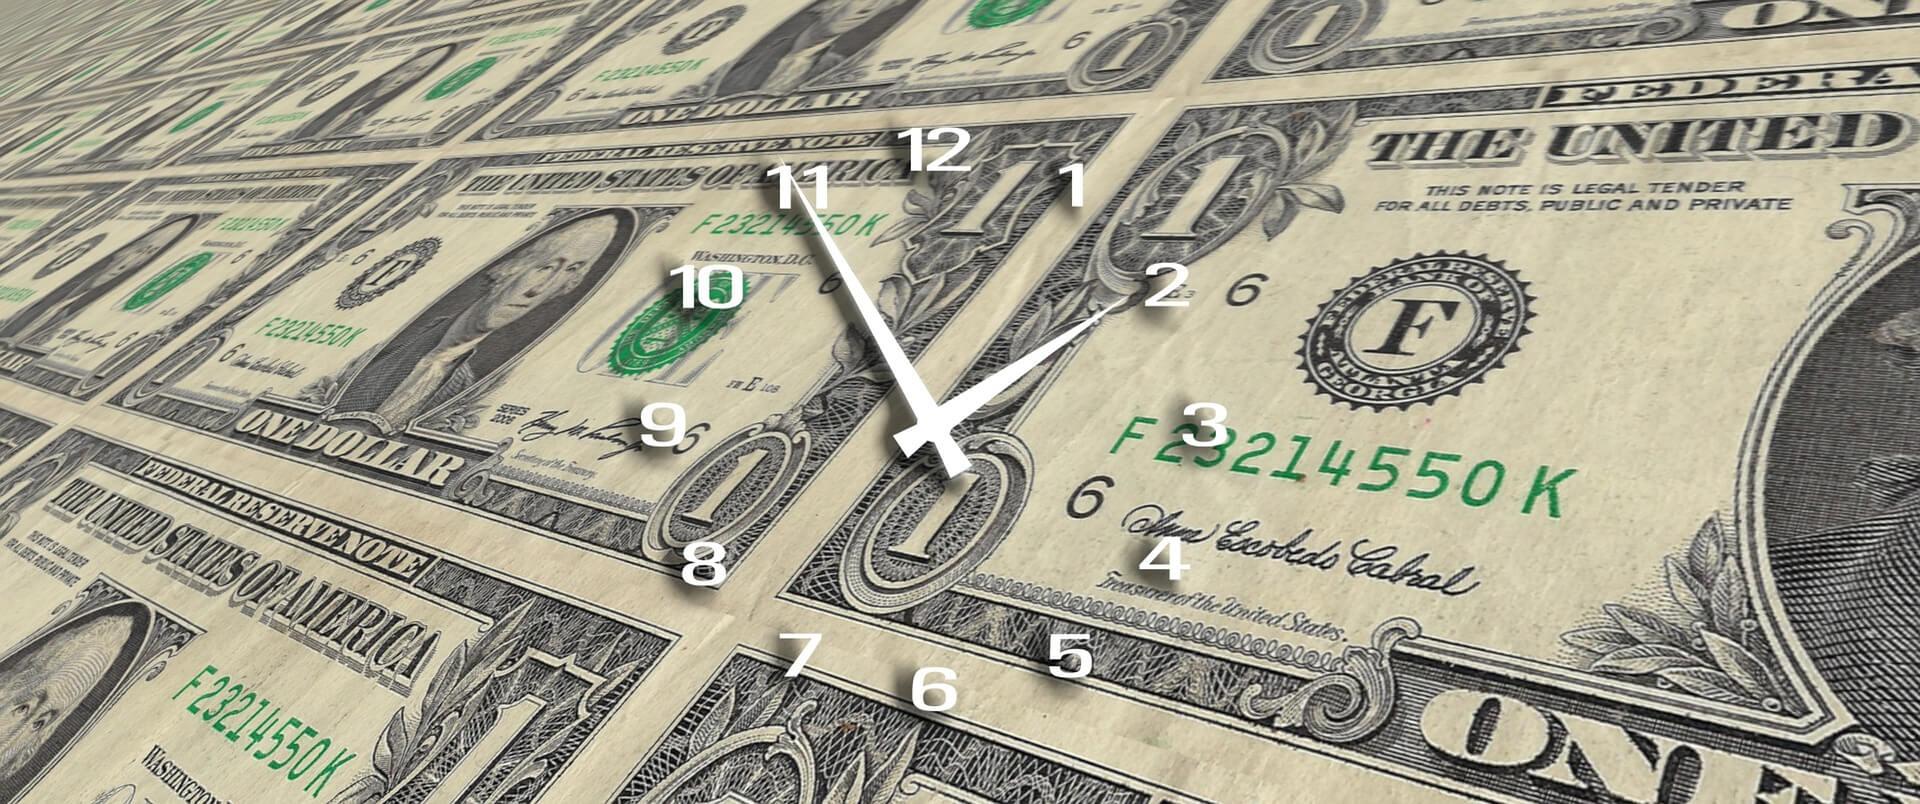 Perda de tempo - foto de fundo de notas de dólares americanos e um relógio com ponteiros por cima.